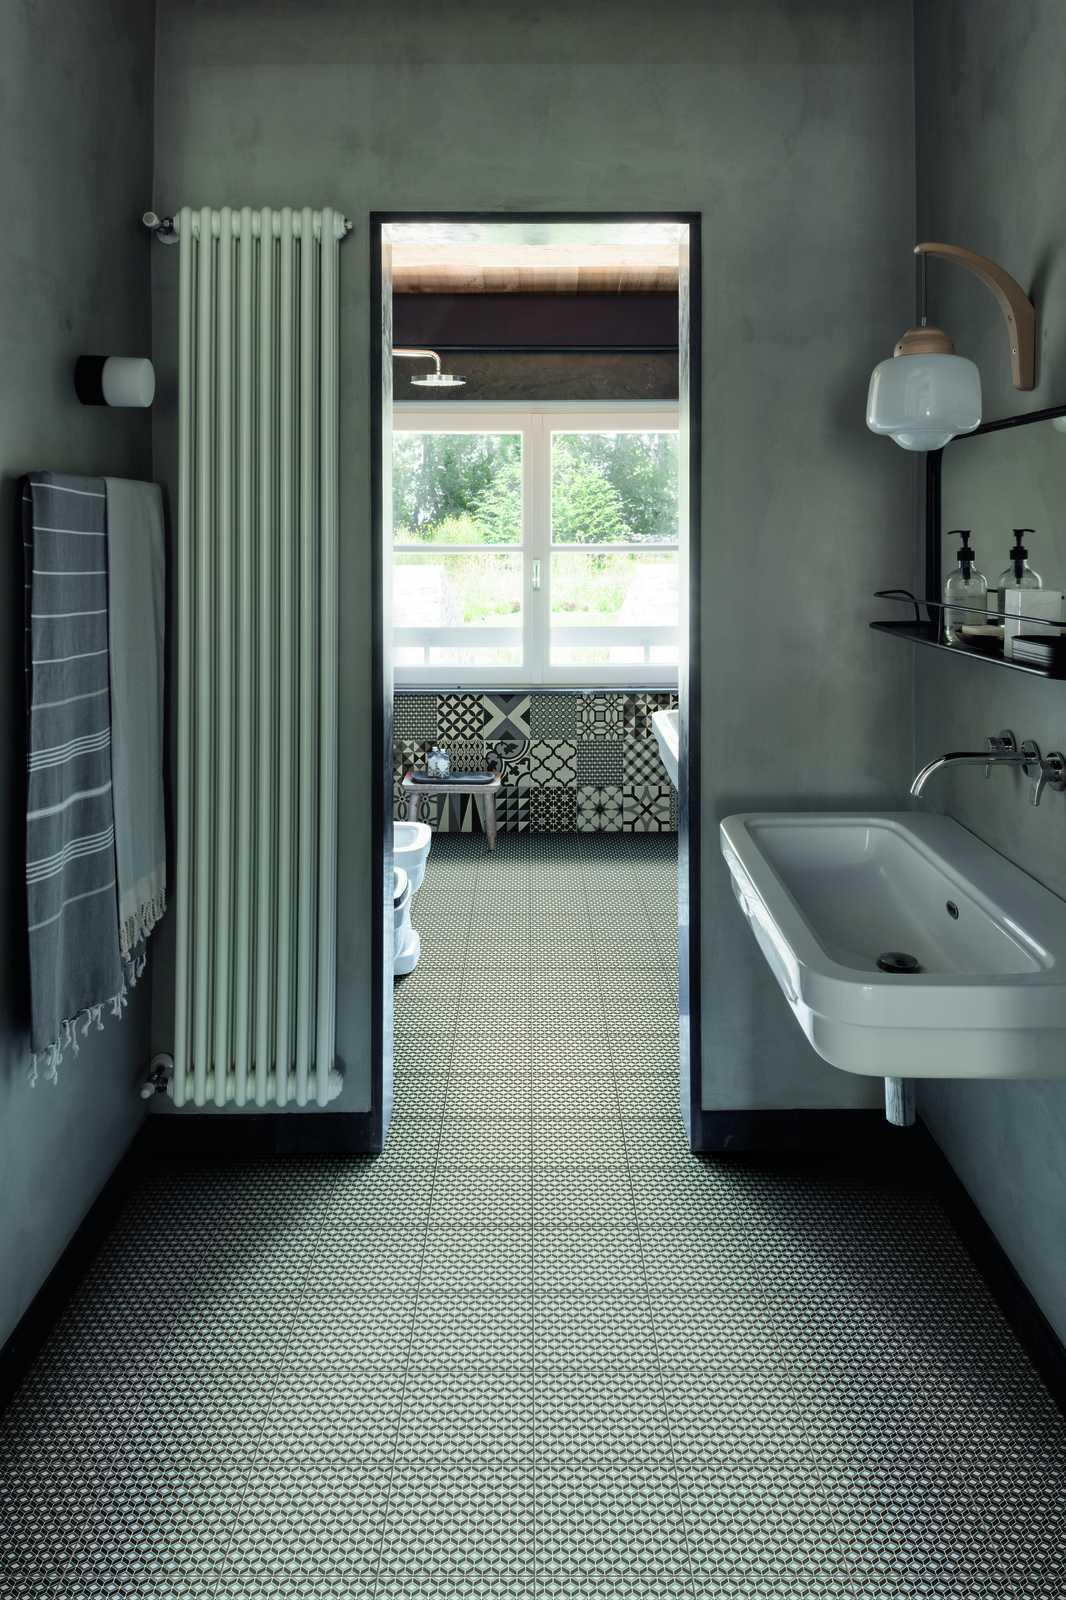 Carrelage salle de bain: céramique et grès cérame | Marazzi - Beton Mineral Salle De Bain